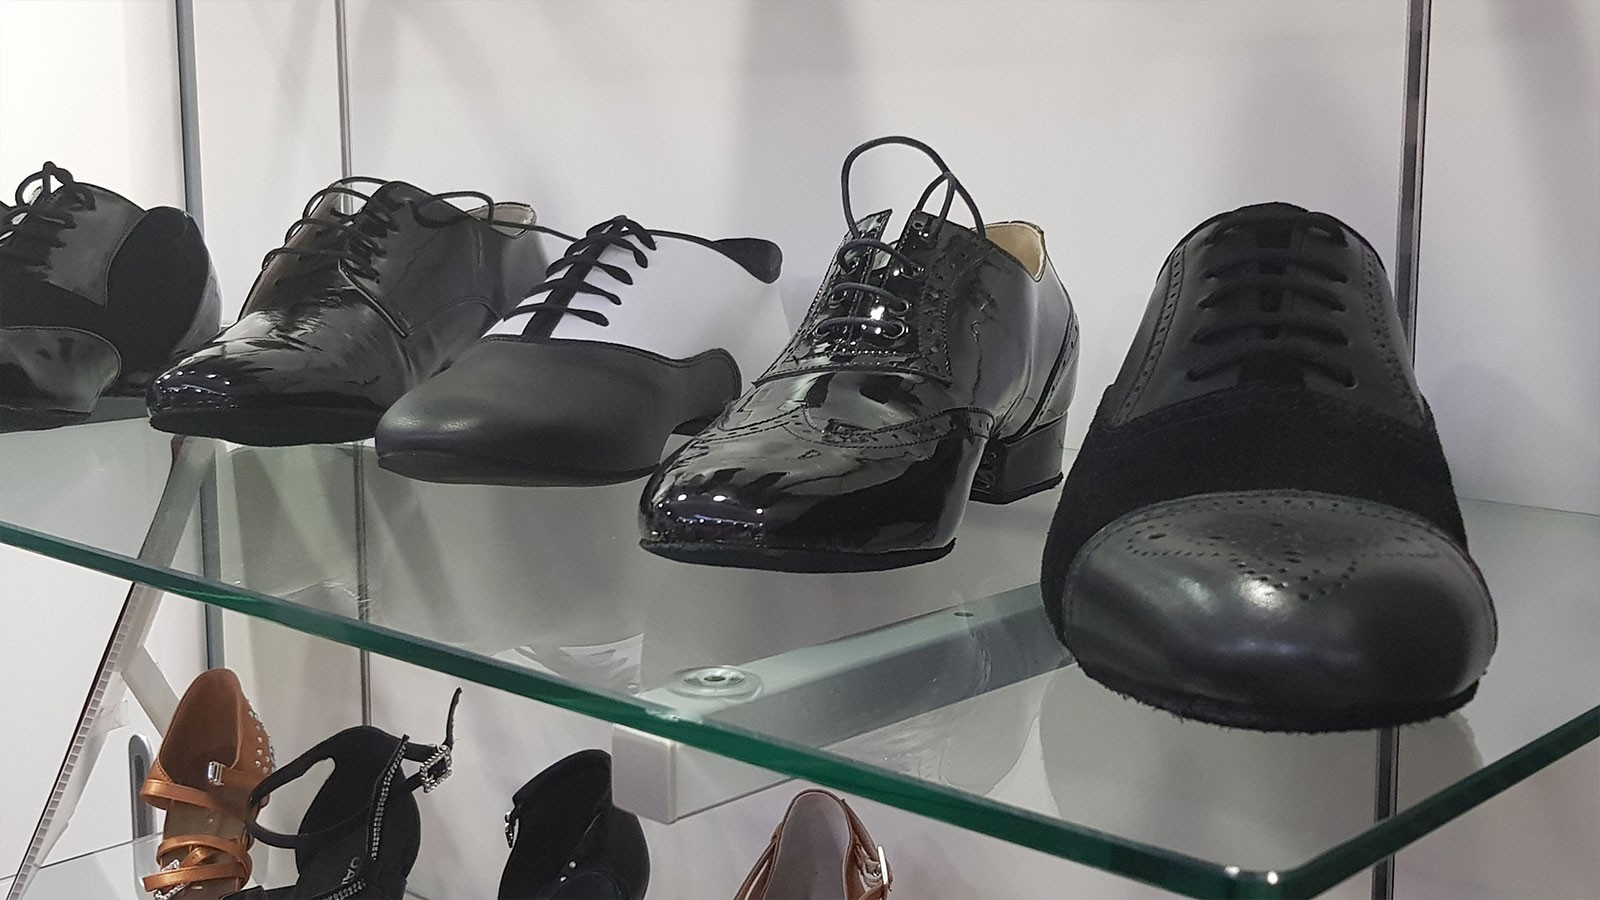 Angels scarpe da ballo Montichiari61